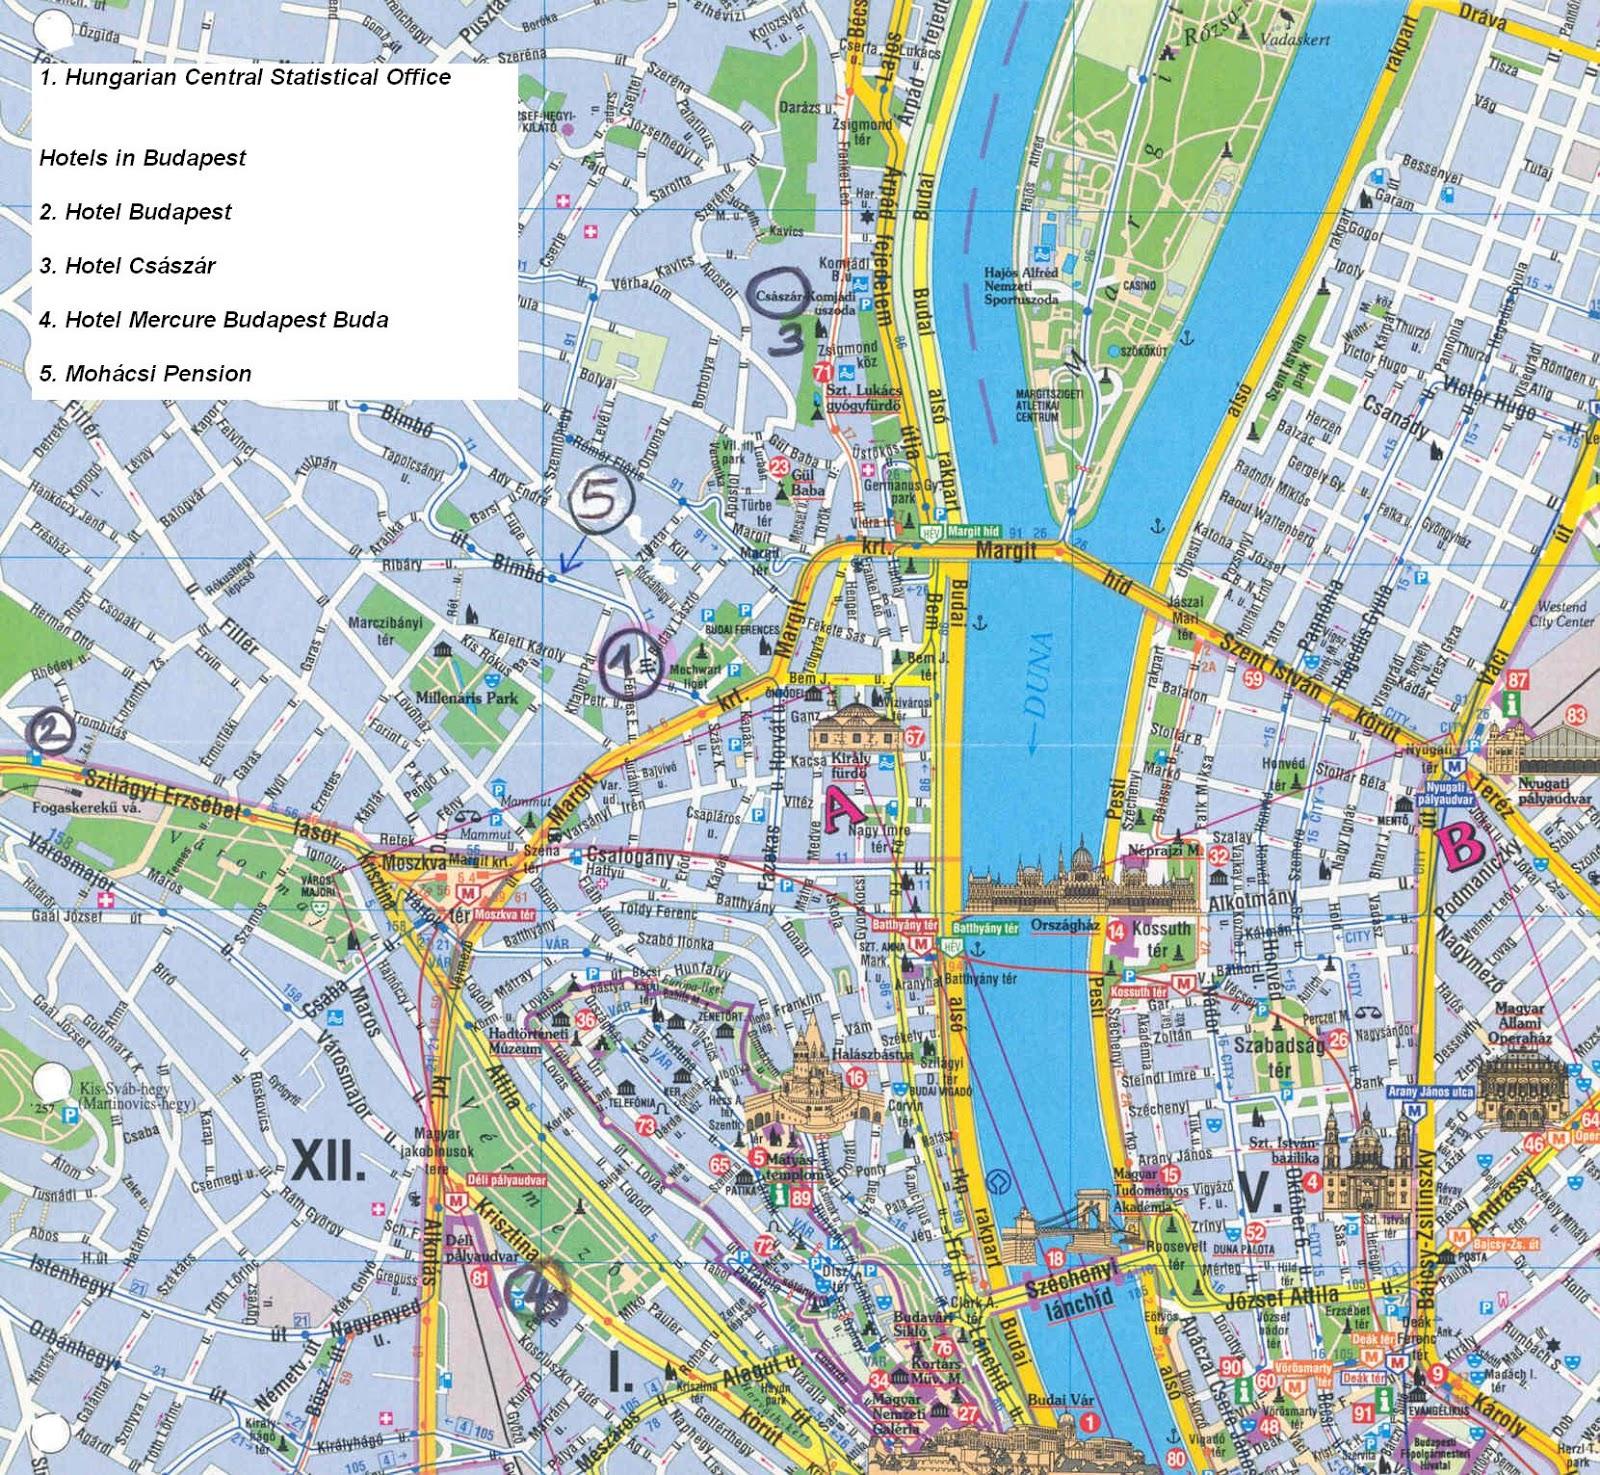 mapa budapeste Mapas de Budapeste   Hungria | MapasBlog mapa budapeste